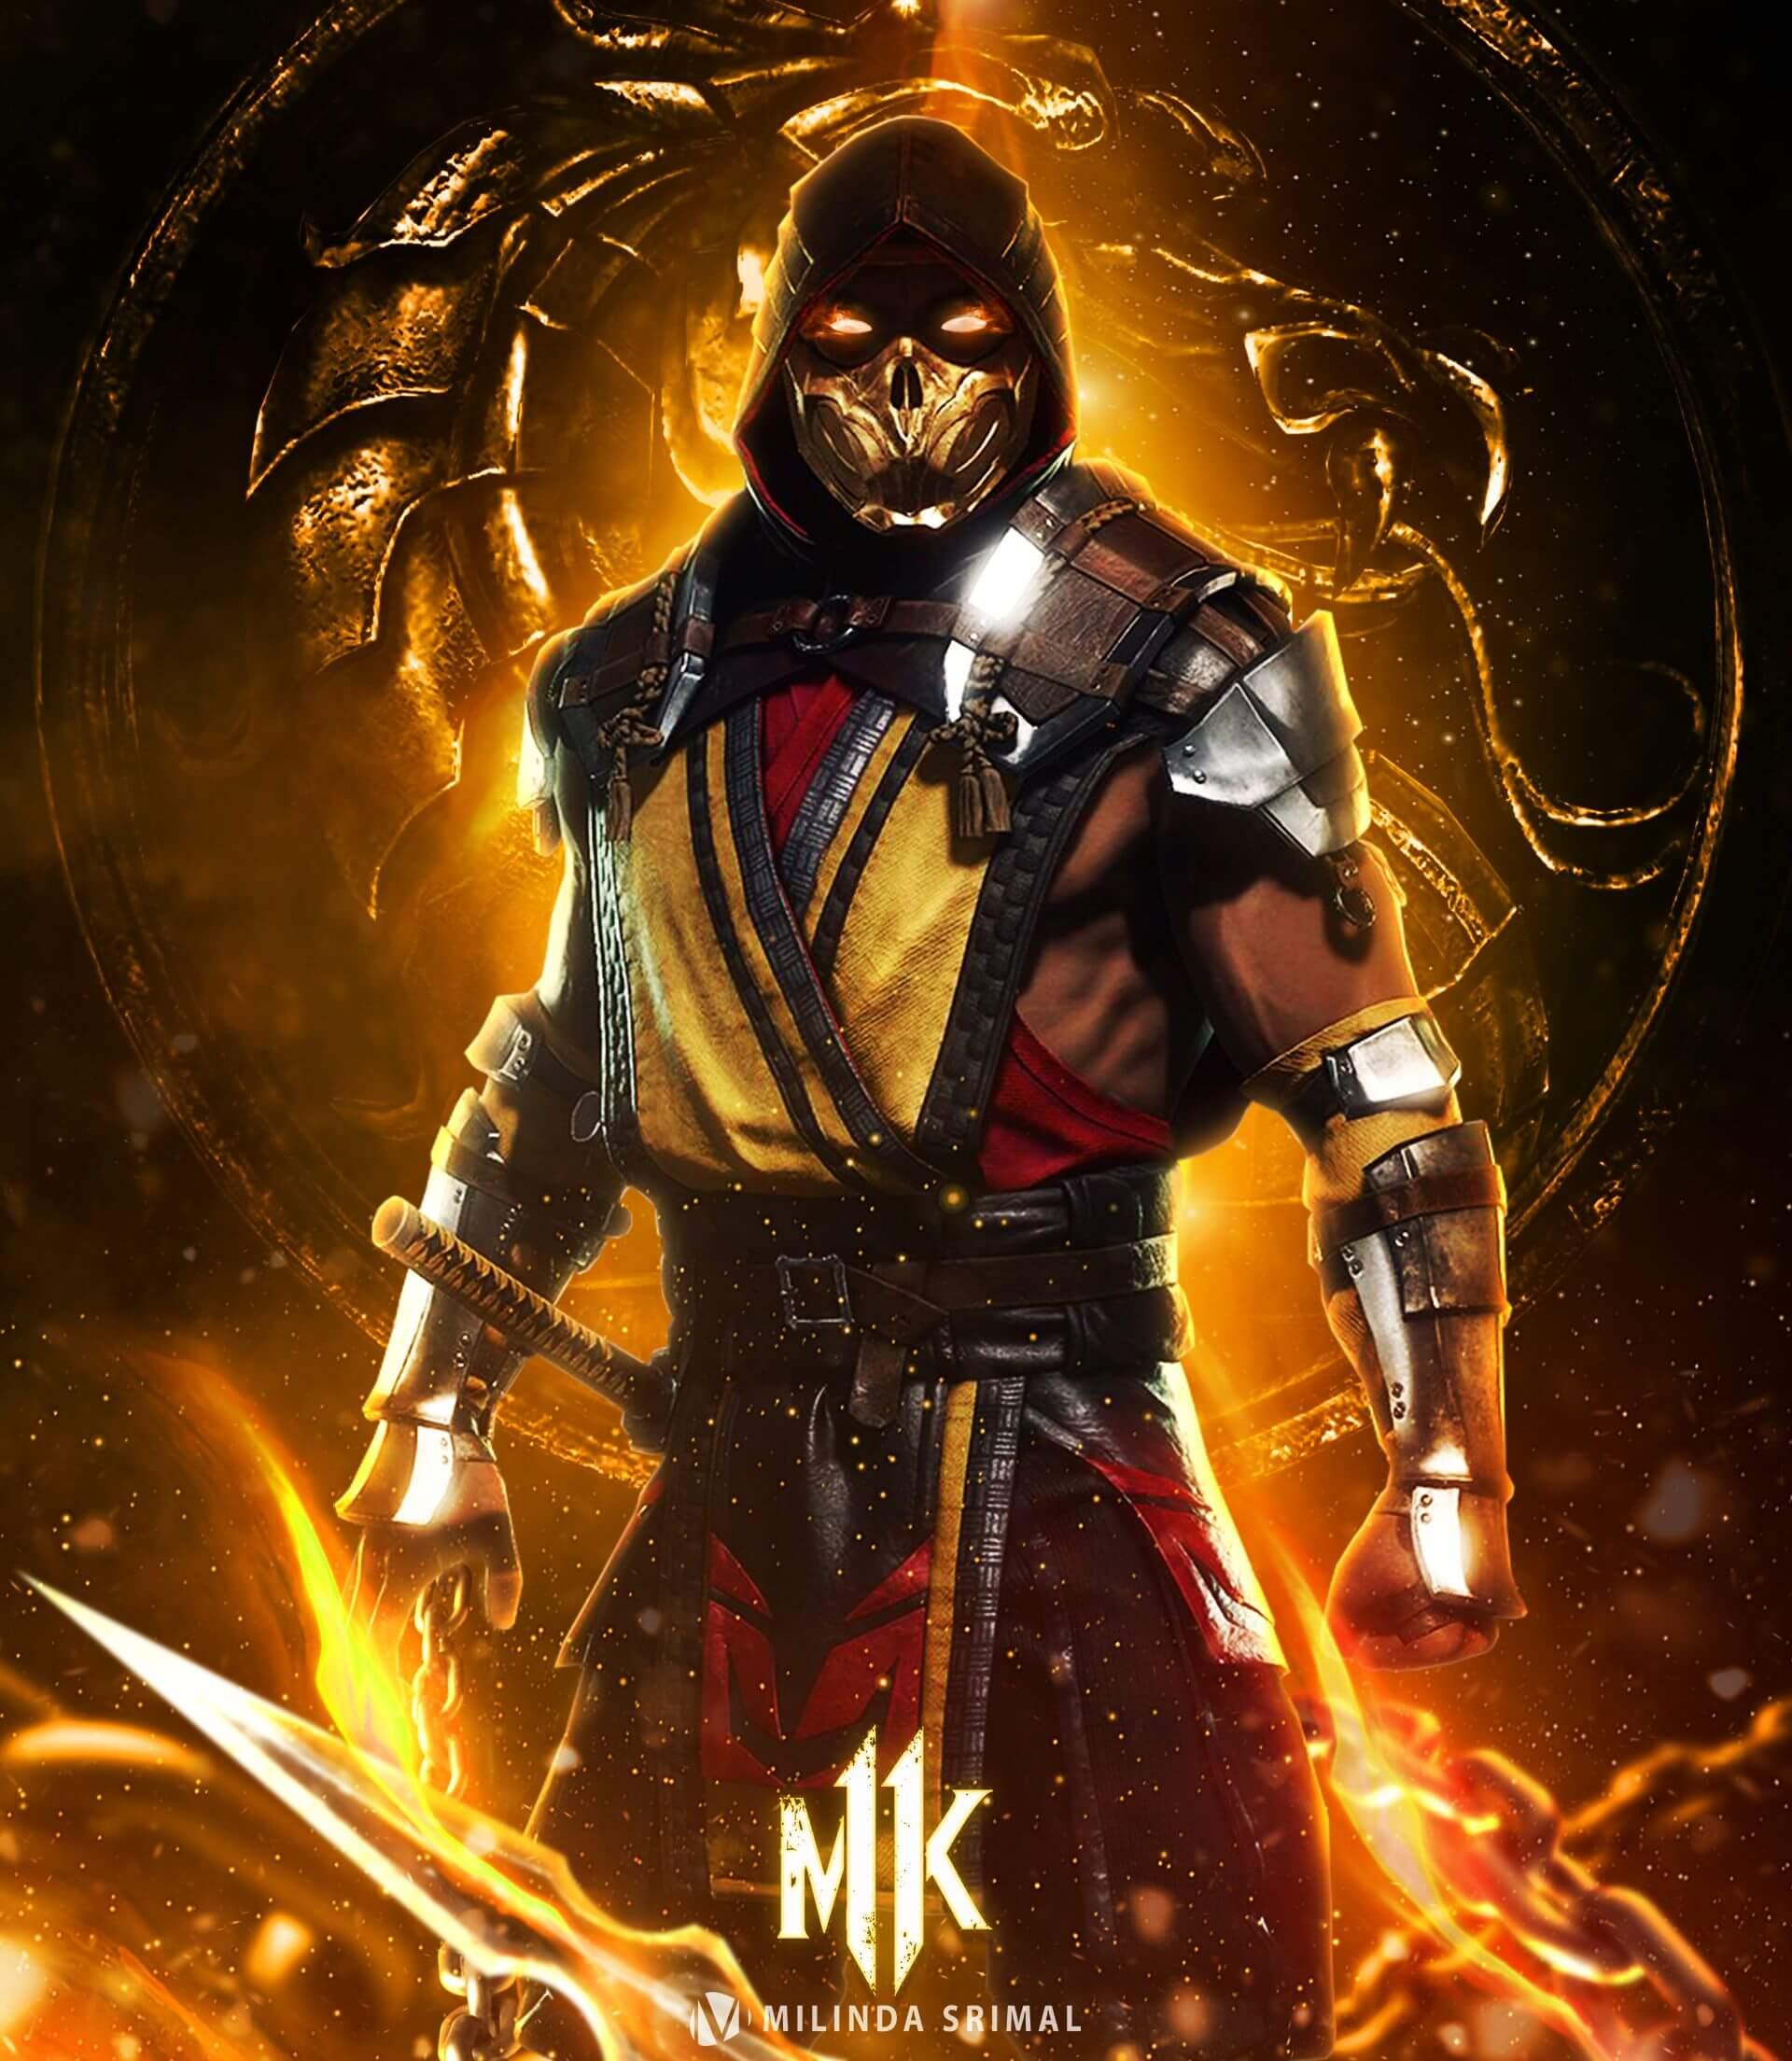 تاریخ اکران Mortal kombat,تاریخ اکران فیلم مورتال کمبت